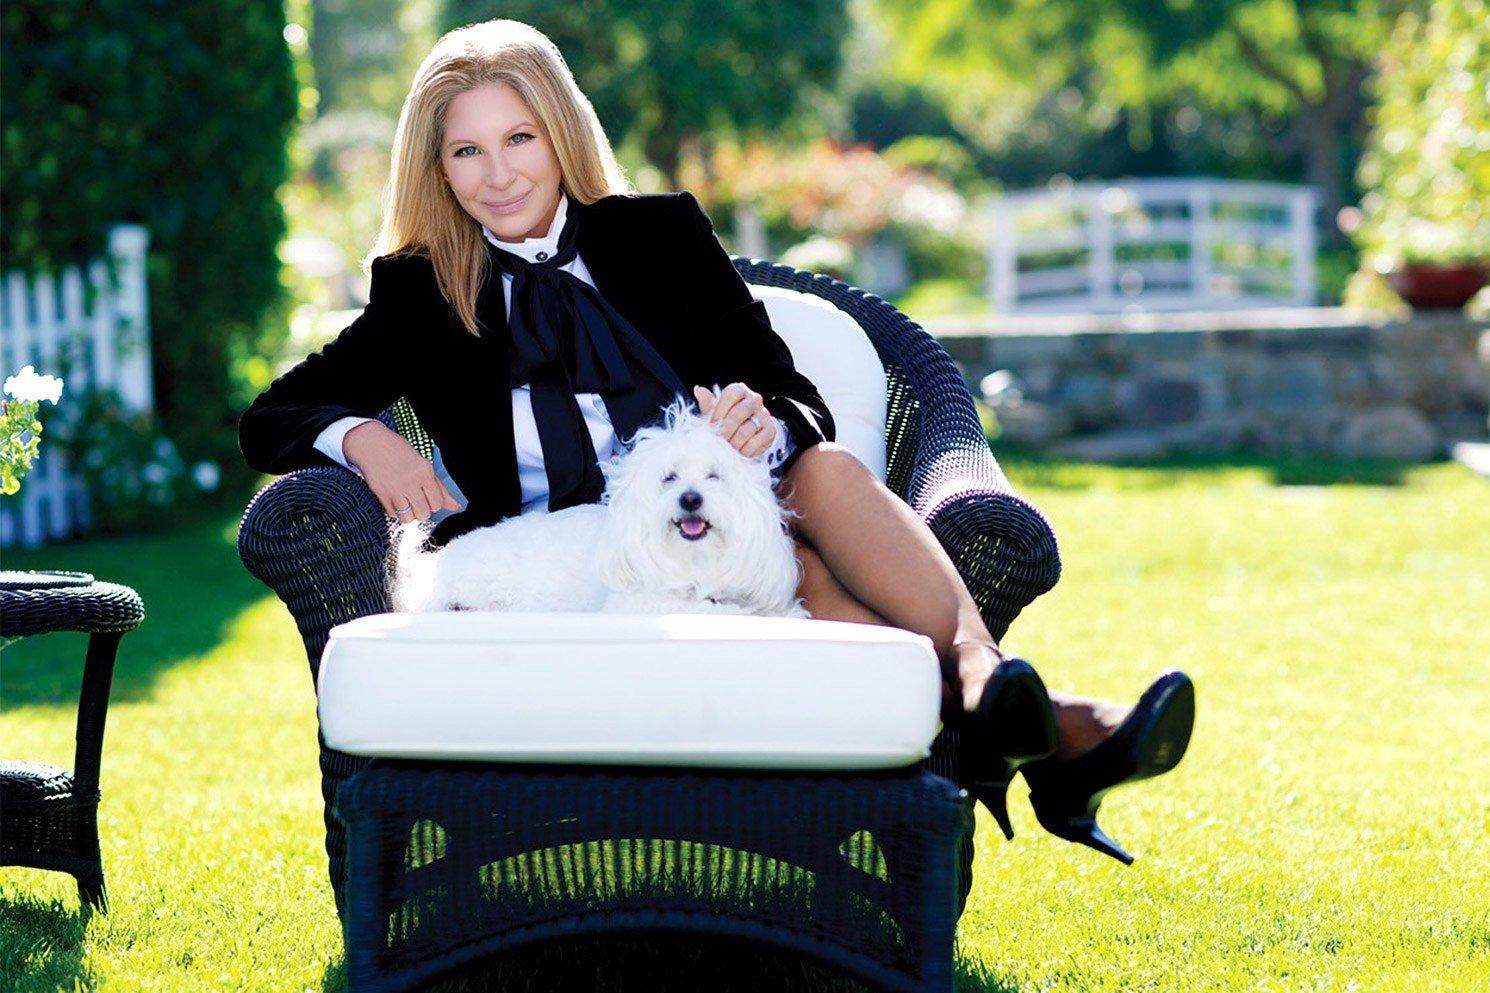 barbra streisand dog clone.jpg?resize=1200,630 - Barbra Streisand revela que clonou sua cadela favorita